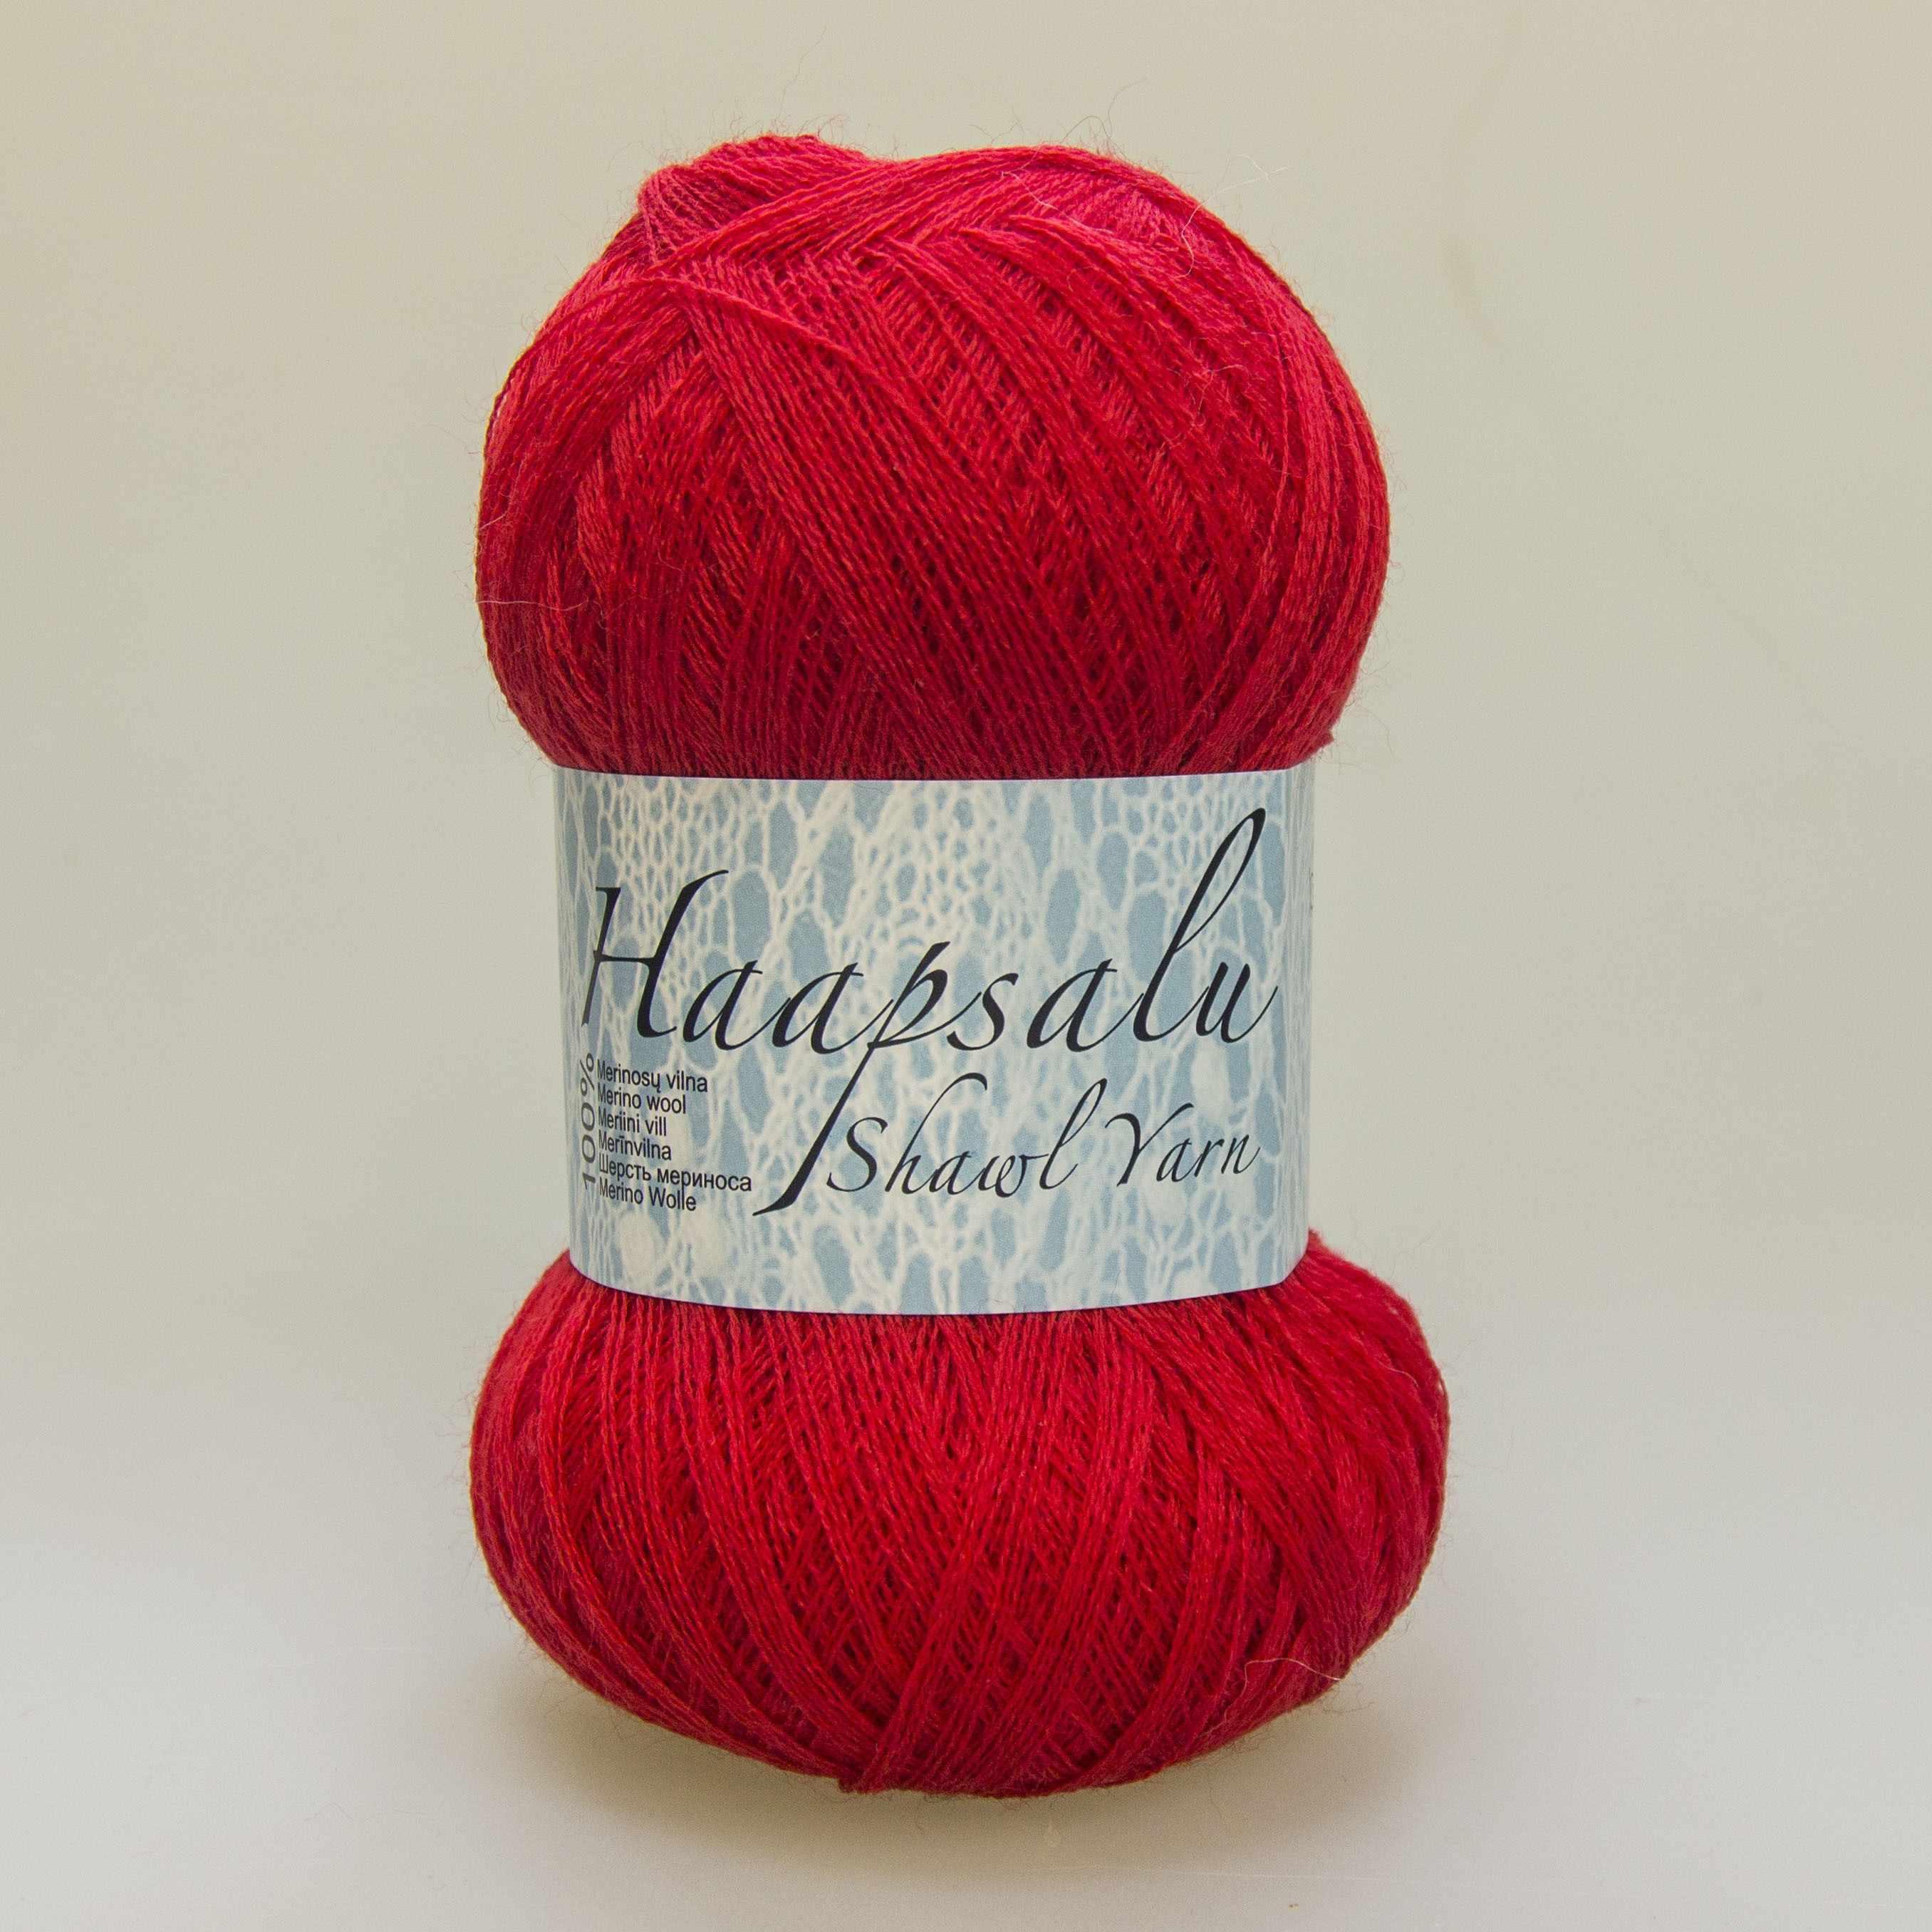 Пряжа Midara Haapsalu Цвет. 150 красный